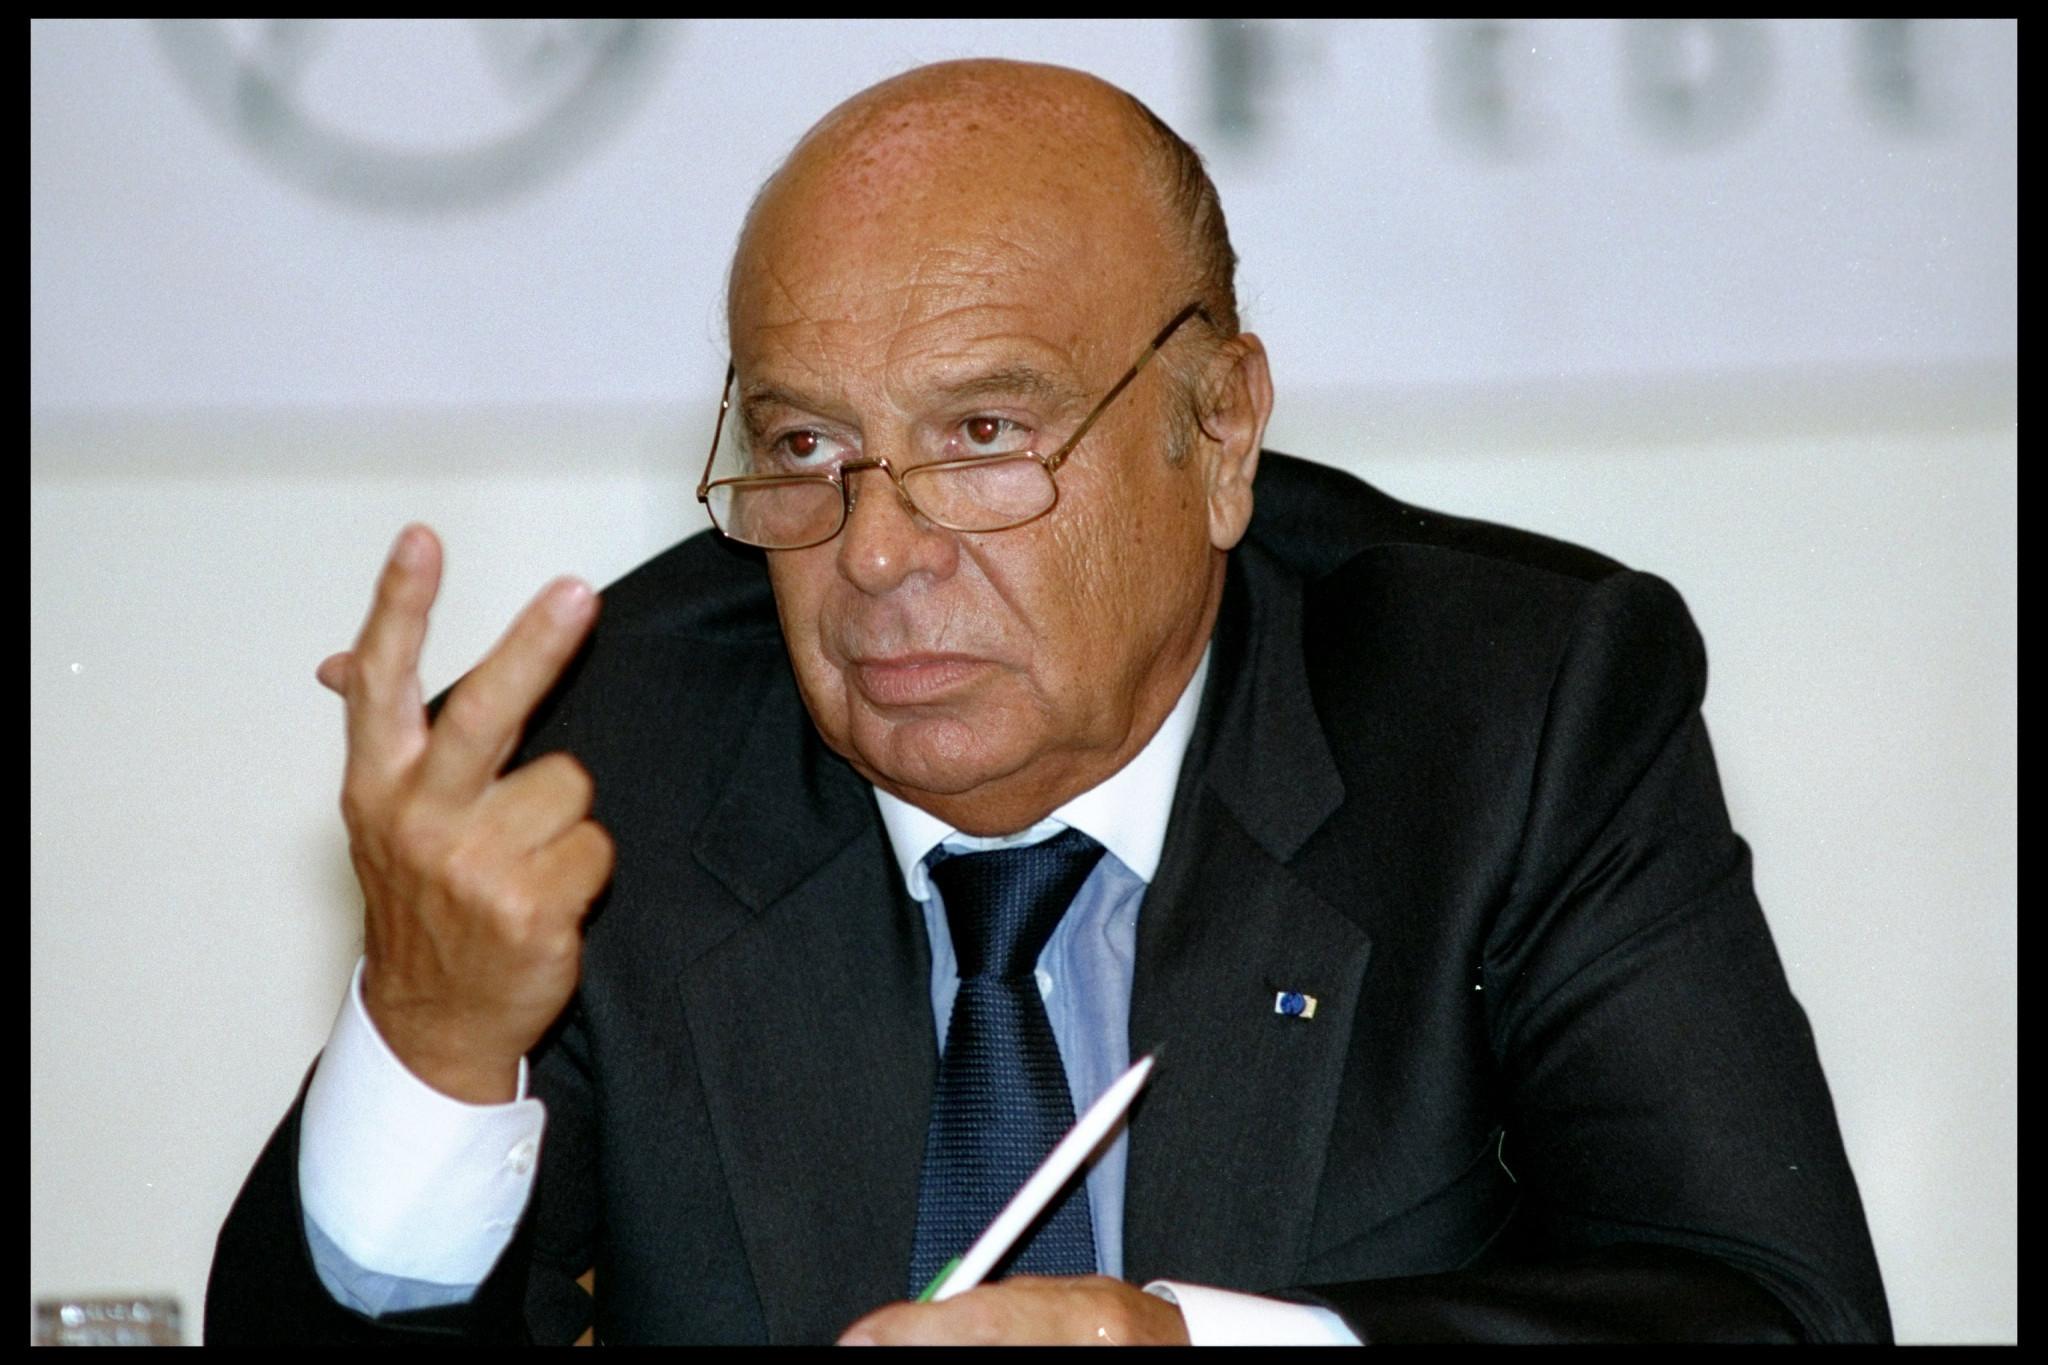 Nebiolo's IAAF Presidency was described as